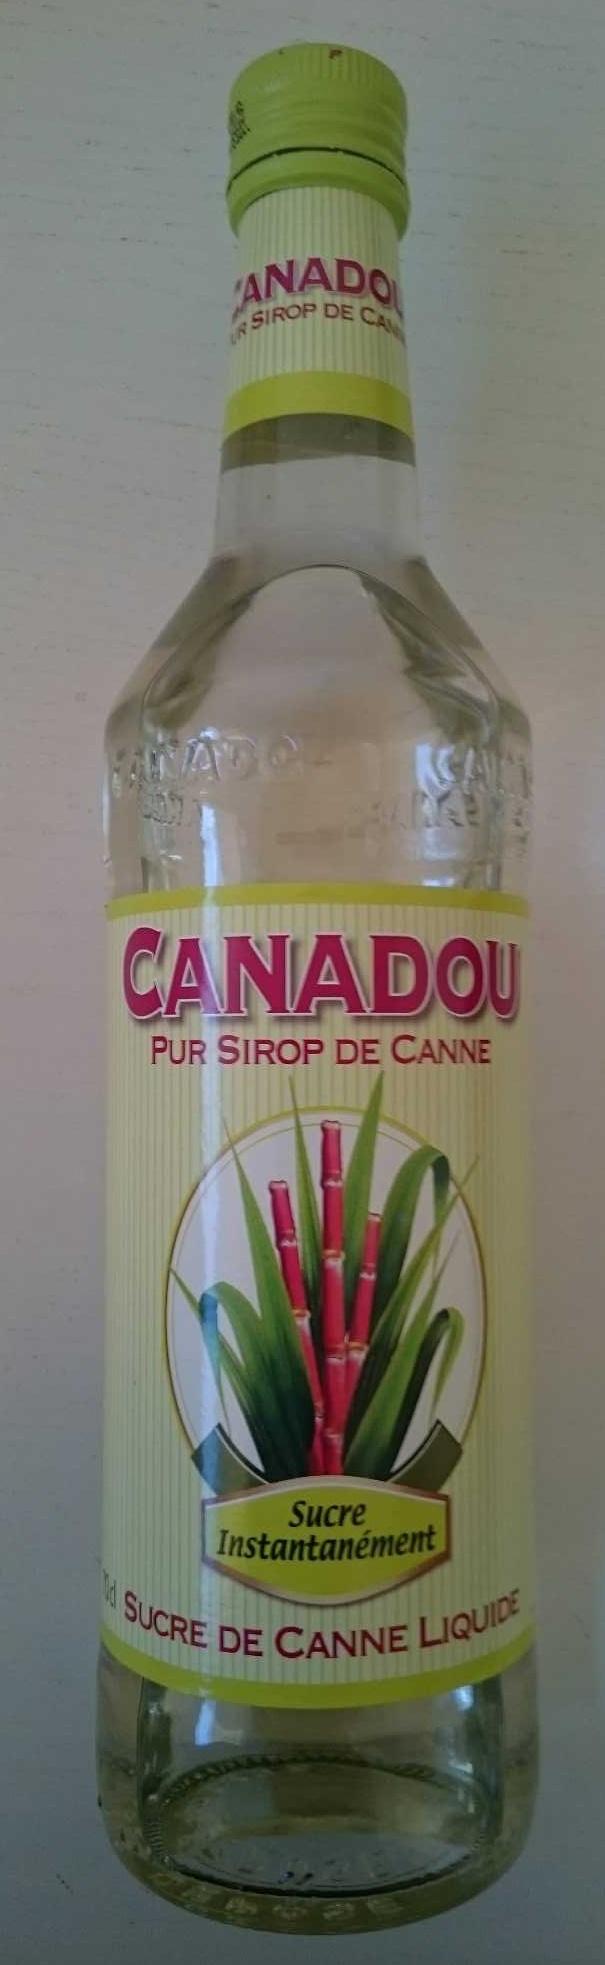 Canadou pur sirop de canne - Produit - fr